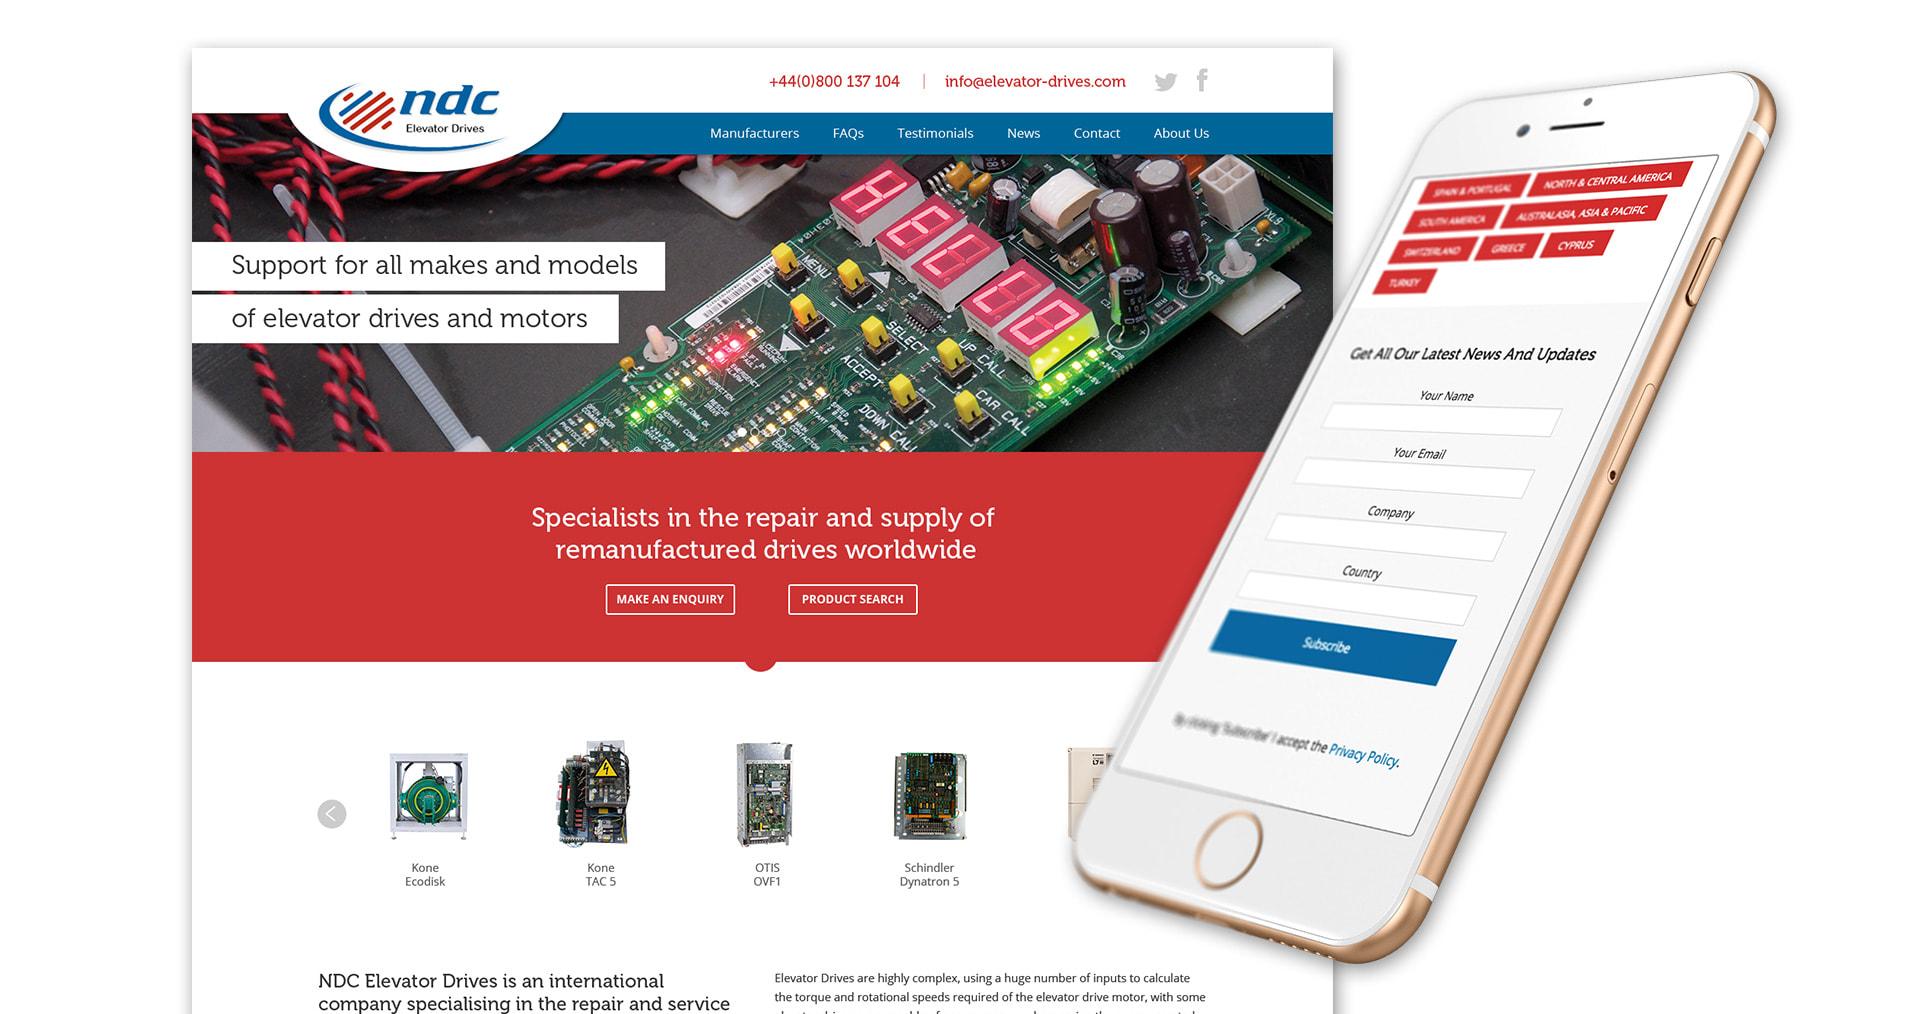 NDC Ecommerce Web Design Showcase